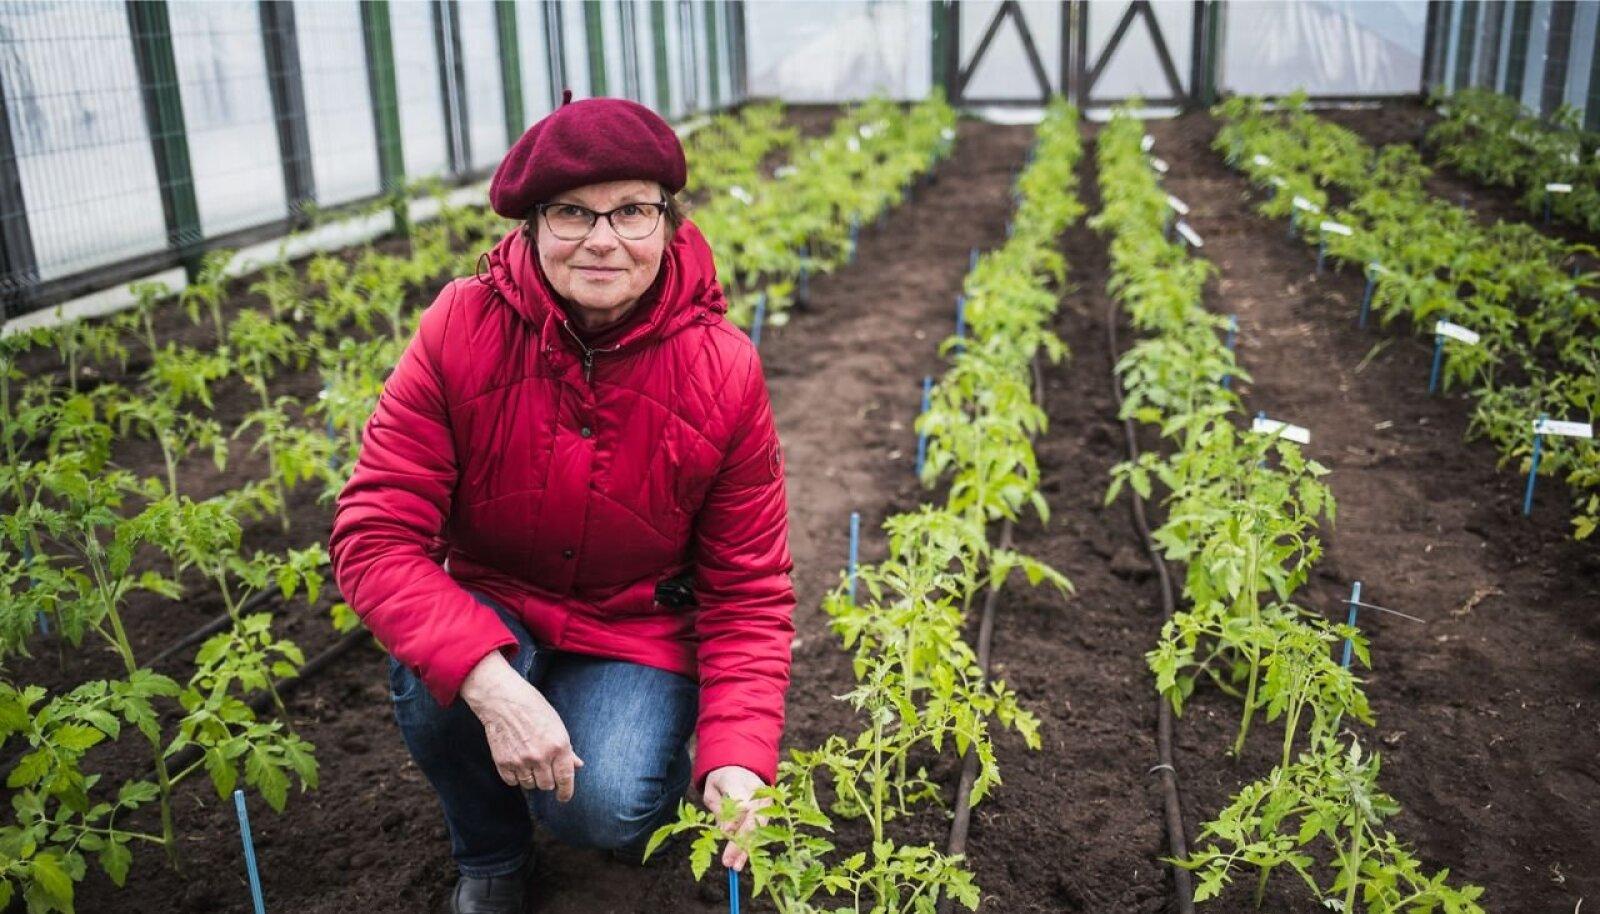 Ingrid Bender Eesti Taimekasvatuse Instituudi tomatikatsega.